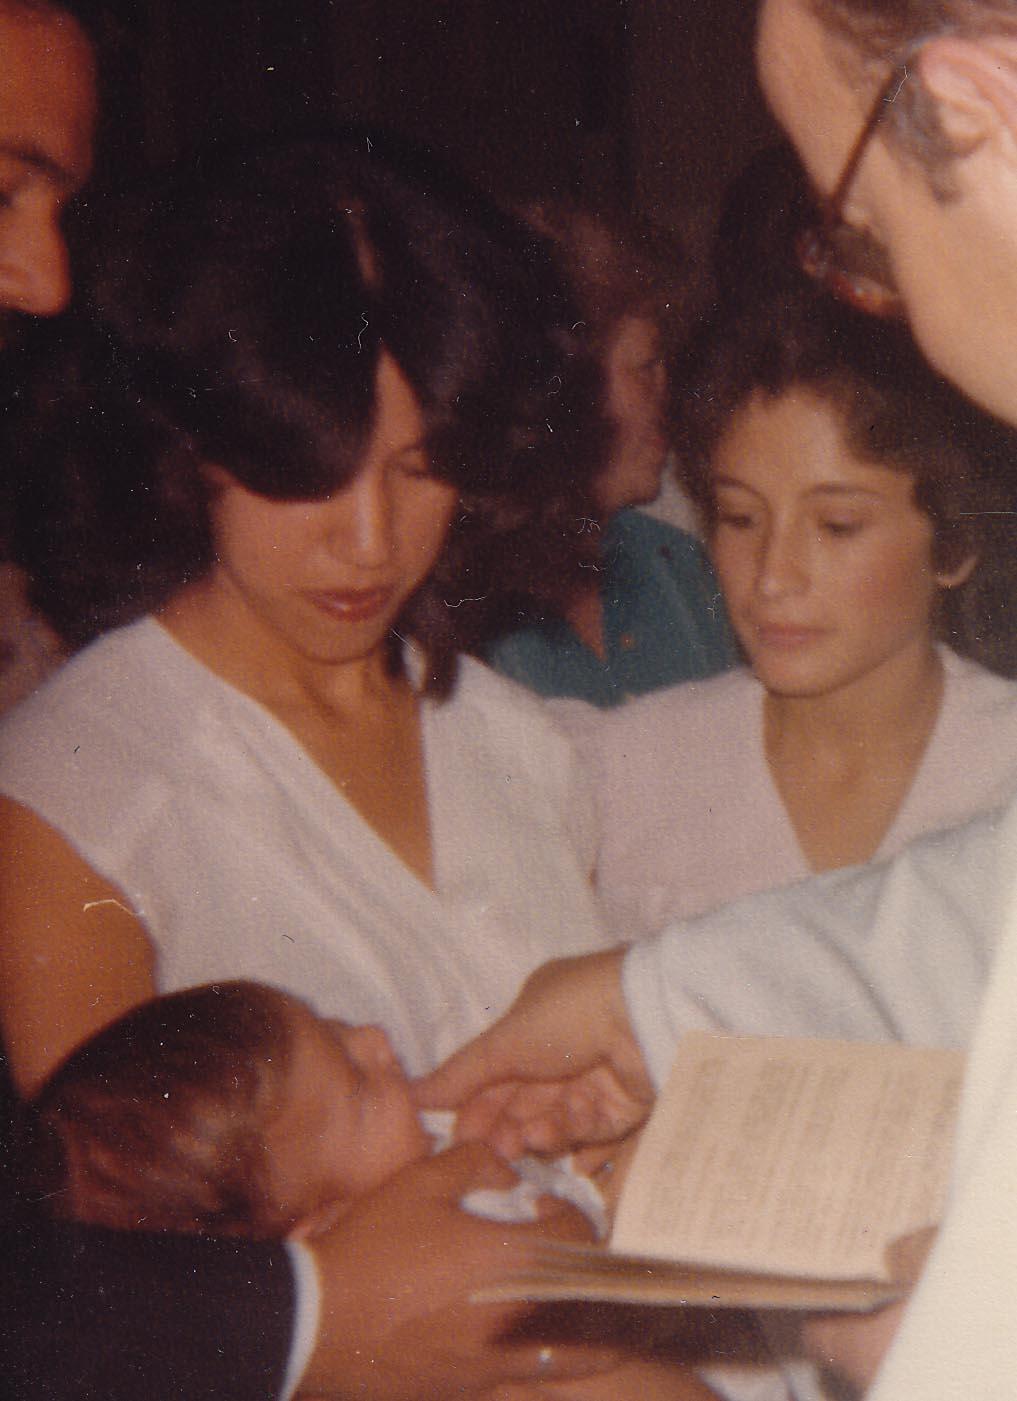 Mi hermano Carlos, Rosario y yo en el bautizo de Augusto. My brother Carlos, Rosario and me during Augusto's christening.